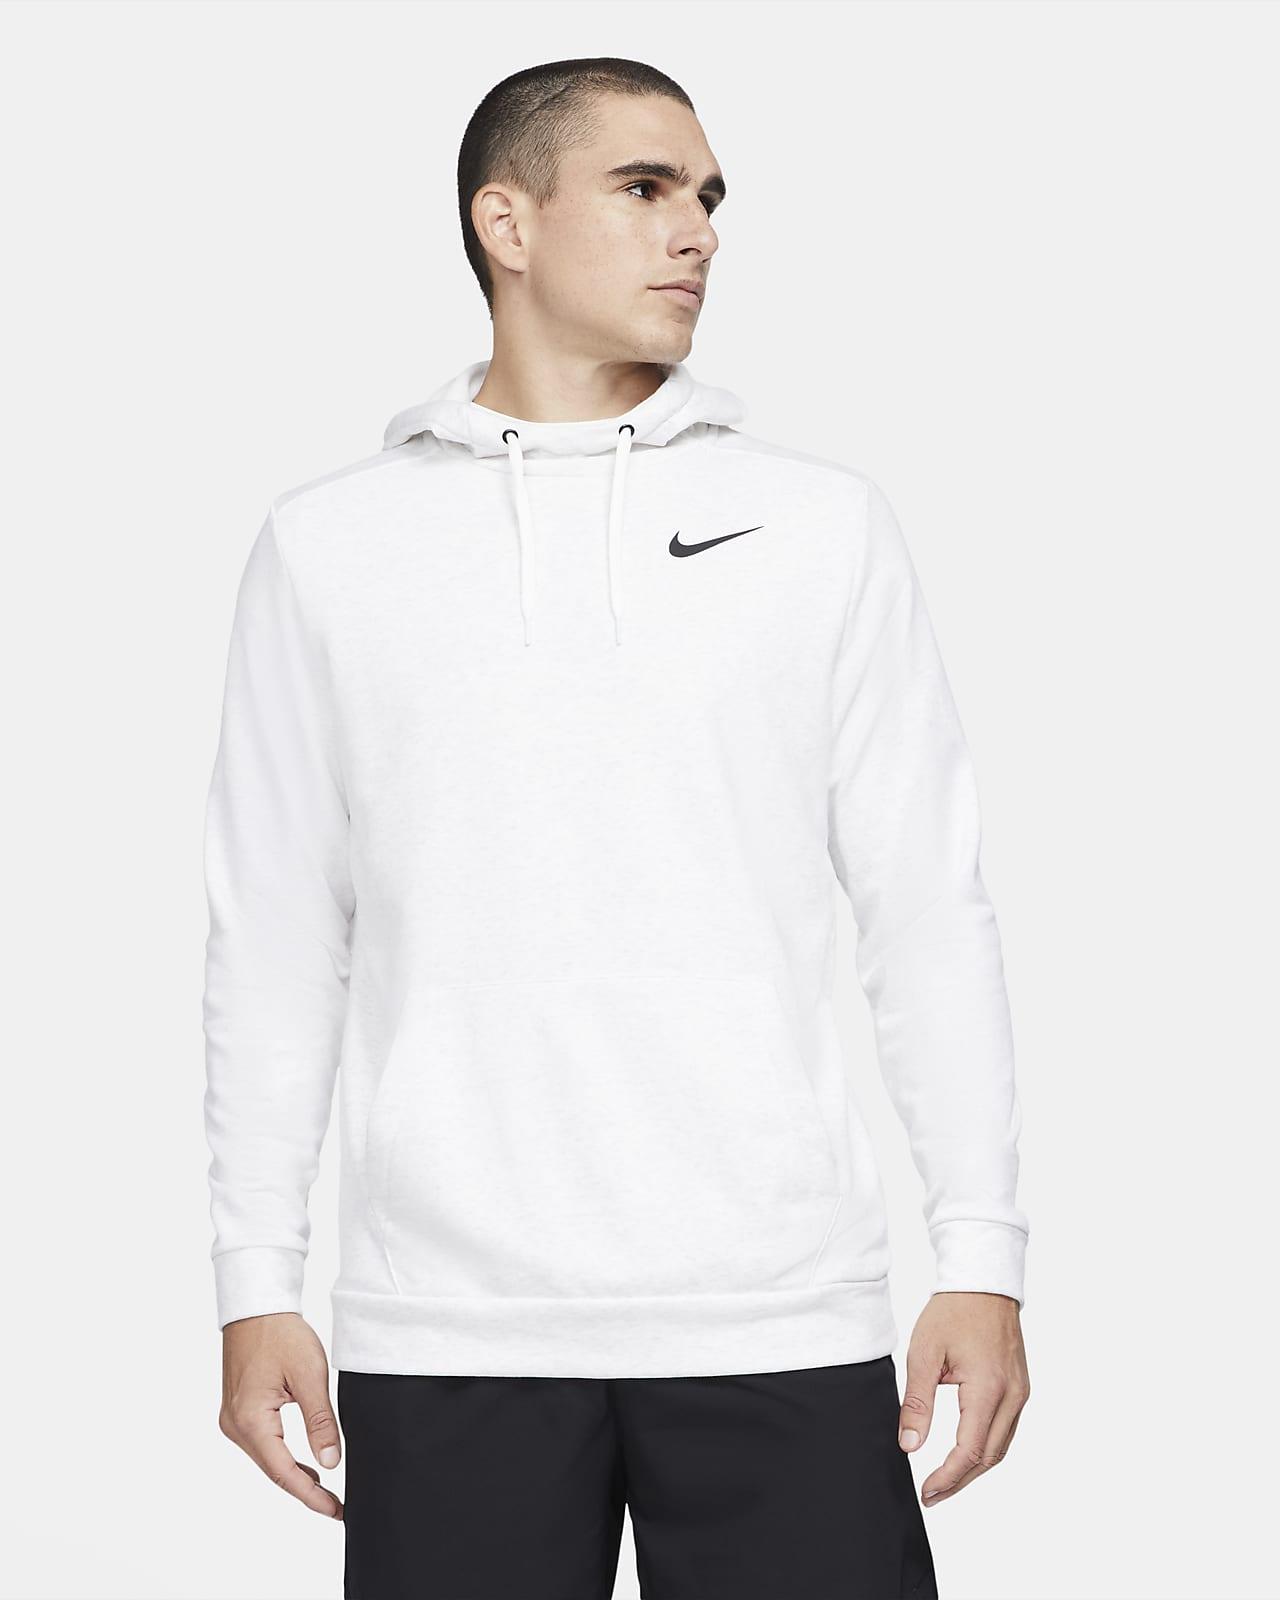 men's hoodies nike